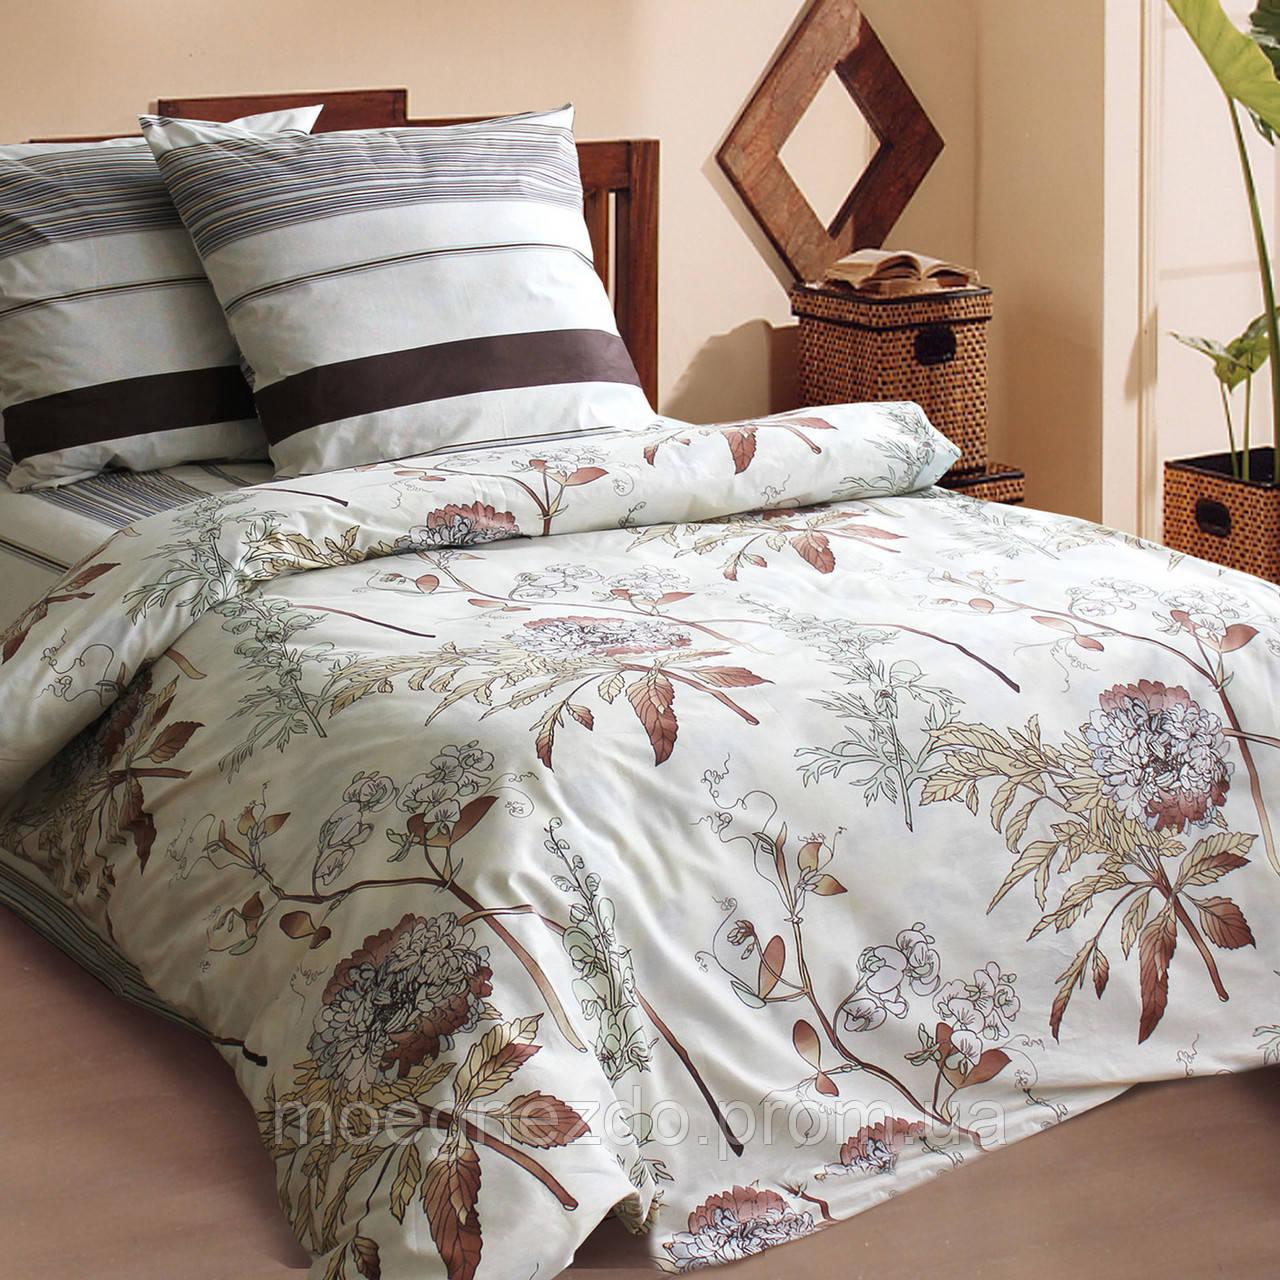 Полуторное постельное белье бязь коричневое мокко бежевое ТМ Блакит  хлопок 120 г/м. кв.